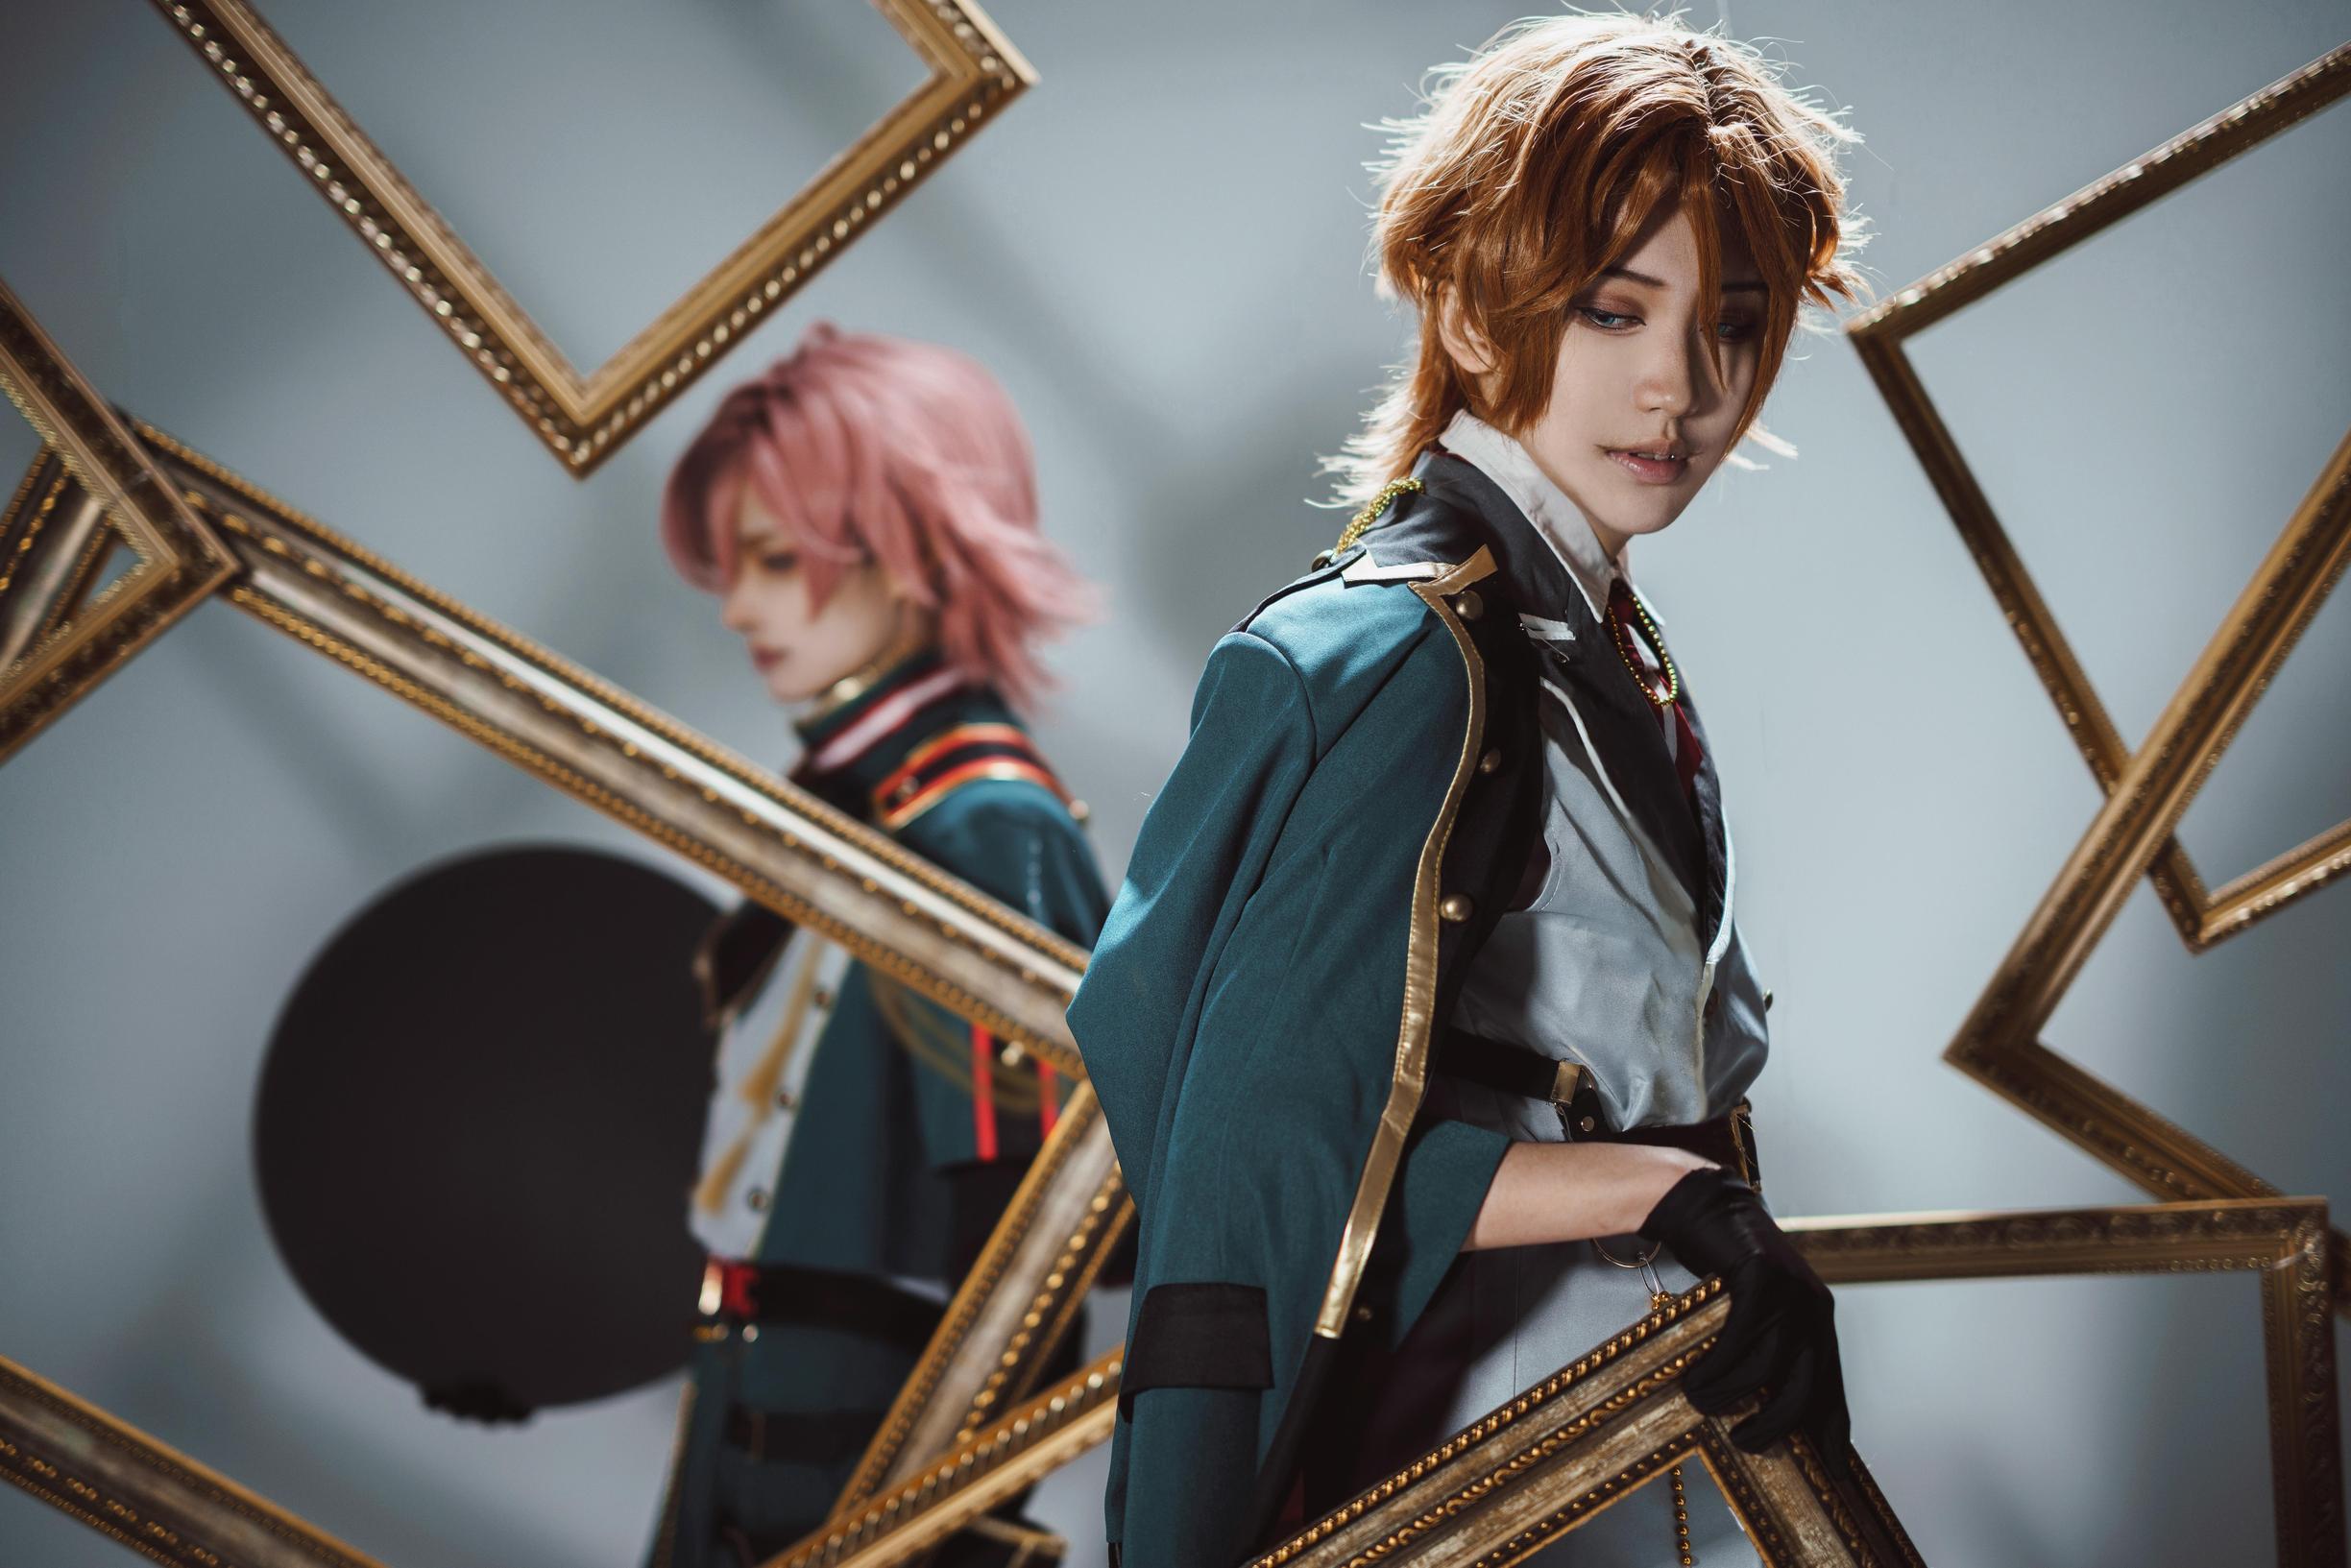 《偶像梦幻祭》琥珀cosplay【CN:小咩Mitsuki】 -安琪拉cosplay图片高清插图